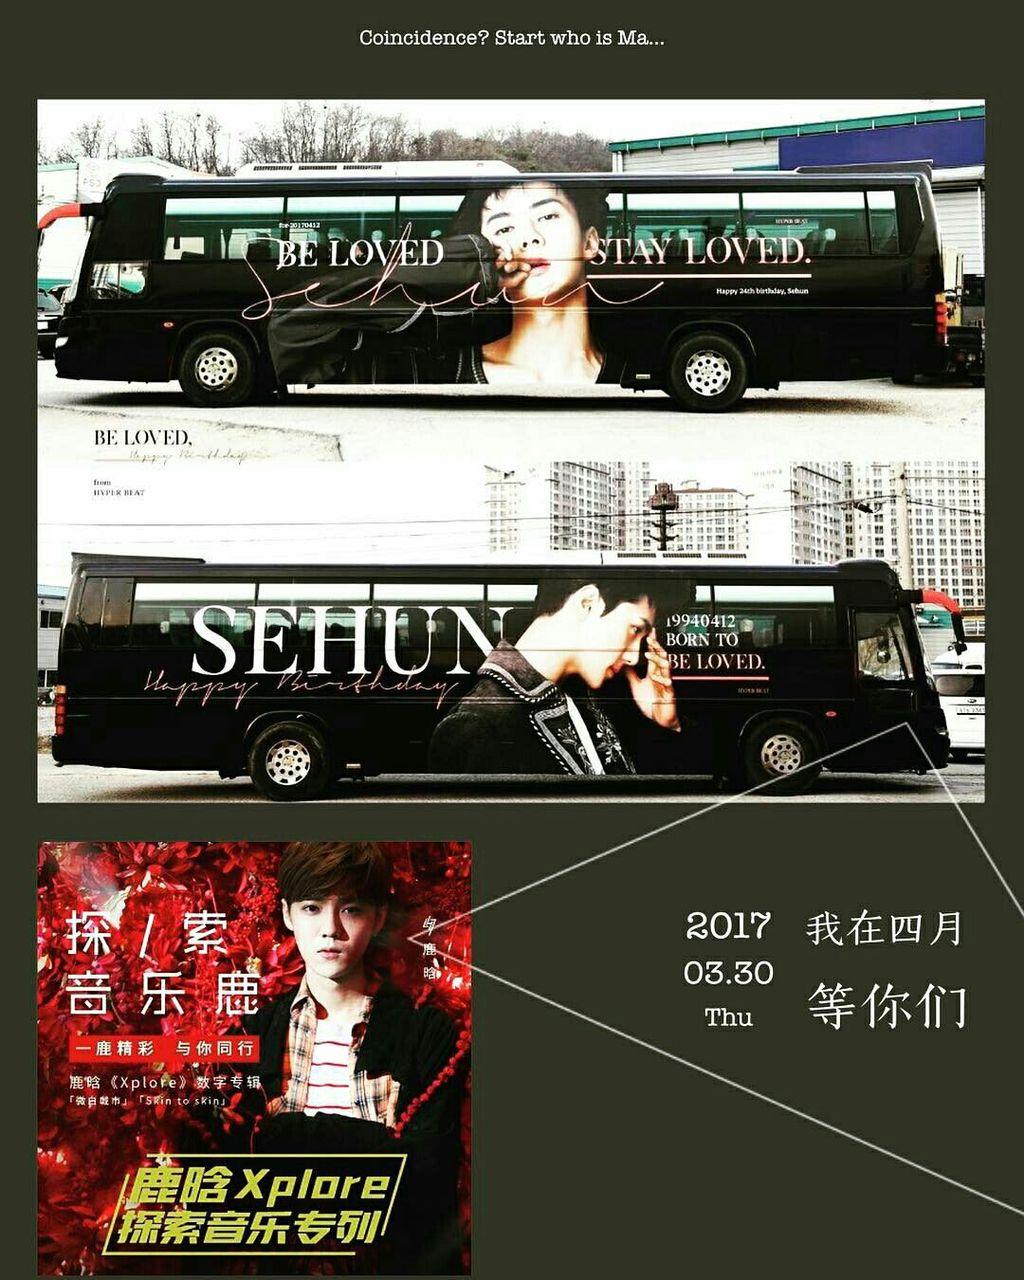 2 trong các chuyến tàu mà Luhan đã chọn: